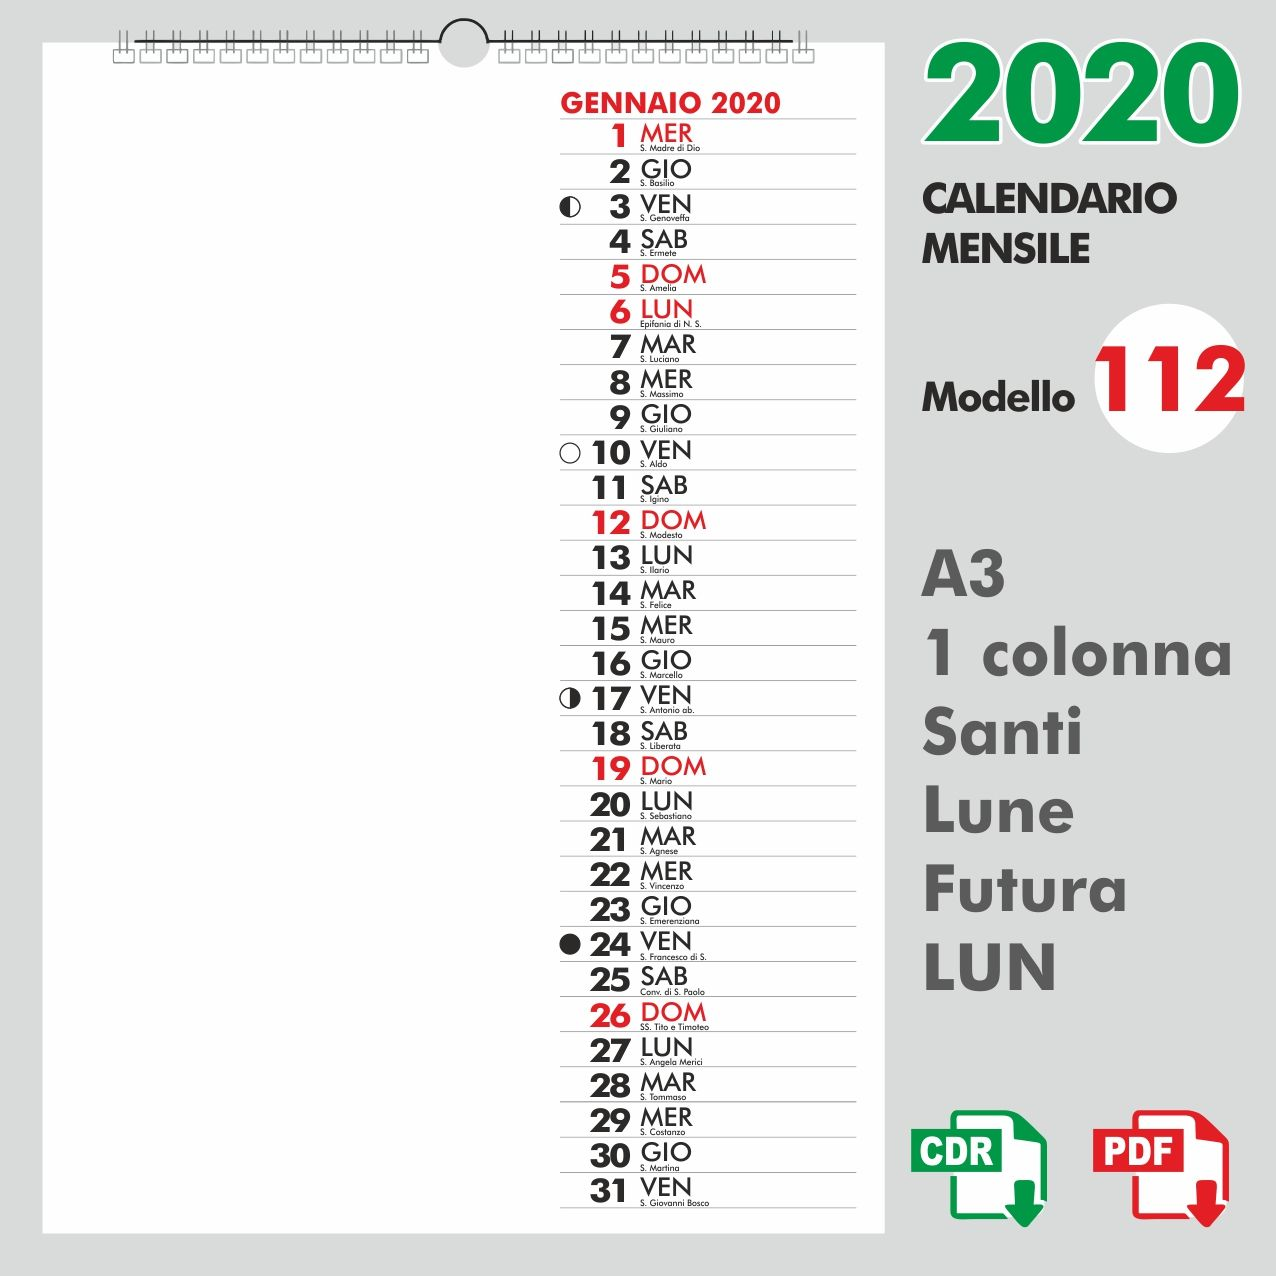 Calendario 2020 Pdf Stampabile.Calendario 2020 Mensile Giorno Scritto Abbreviato Tipo Lun